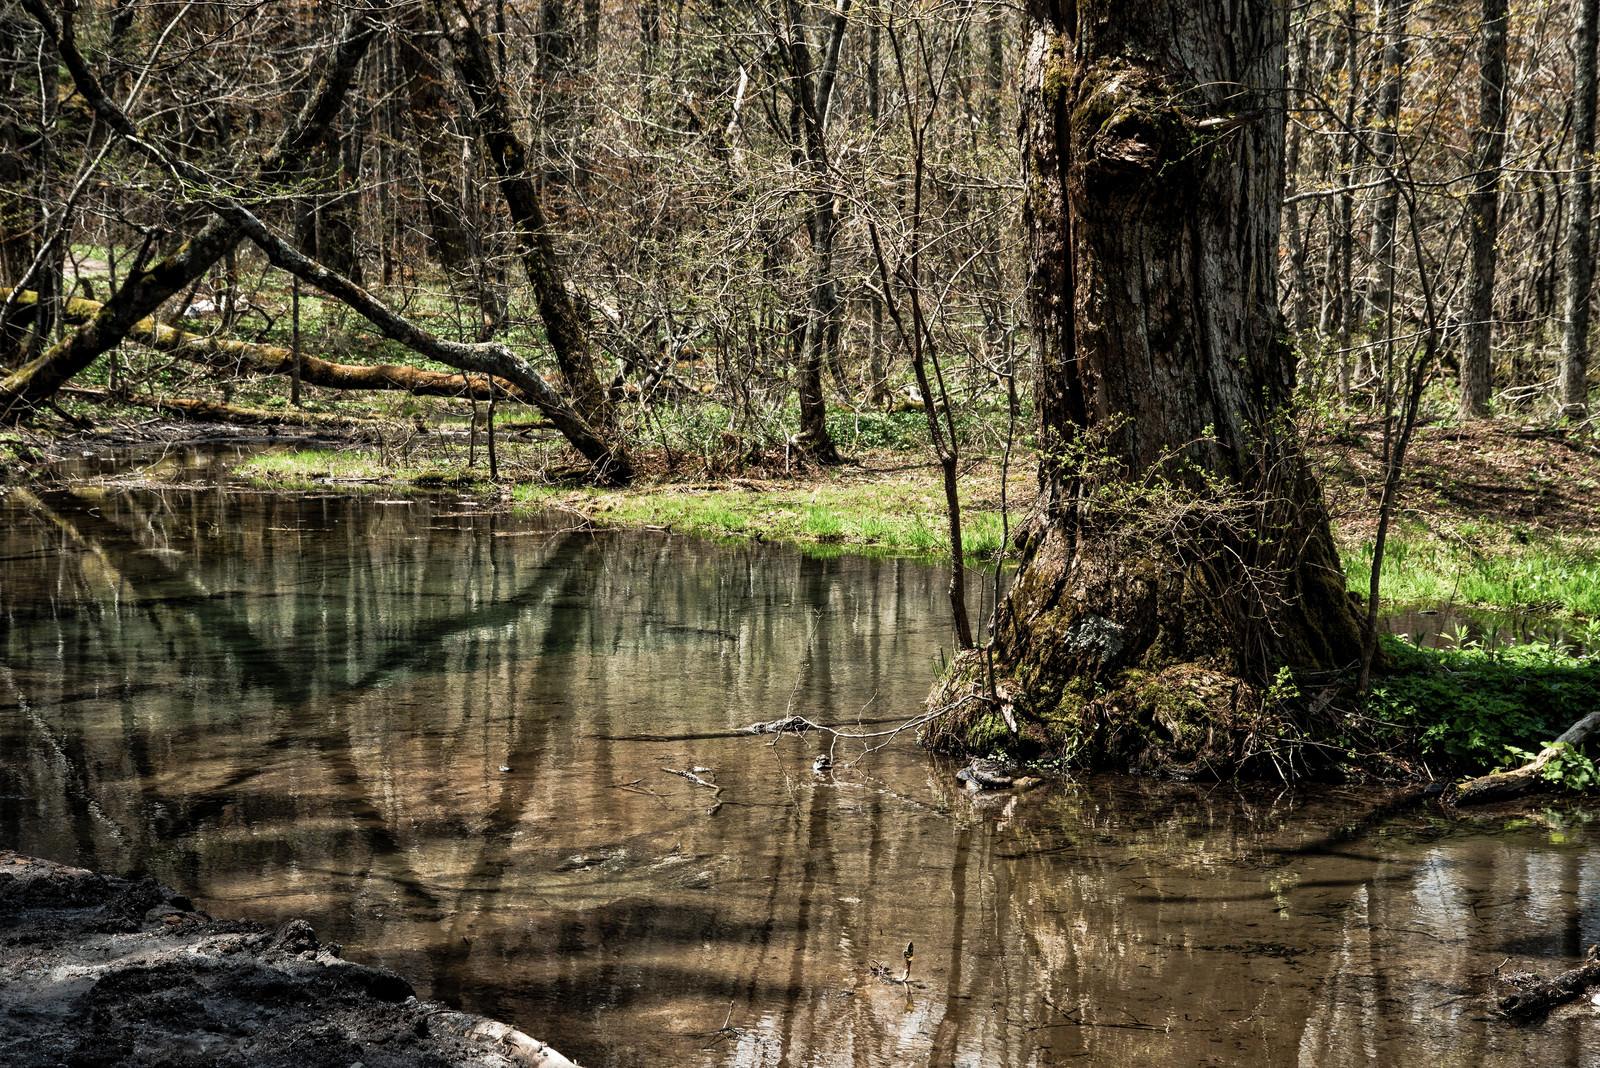 「明神池の水面に反射した森の木々(上高地)」の写真